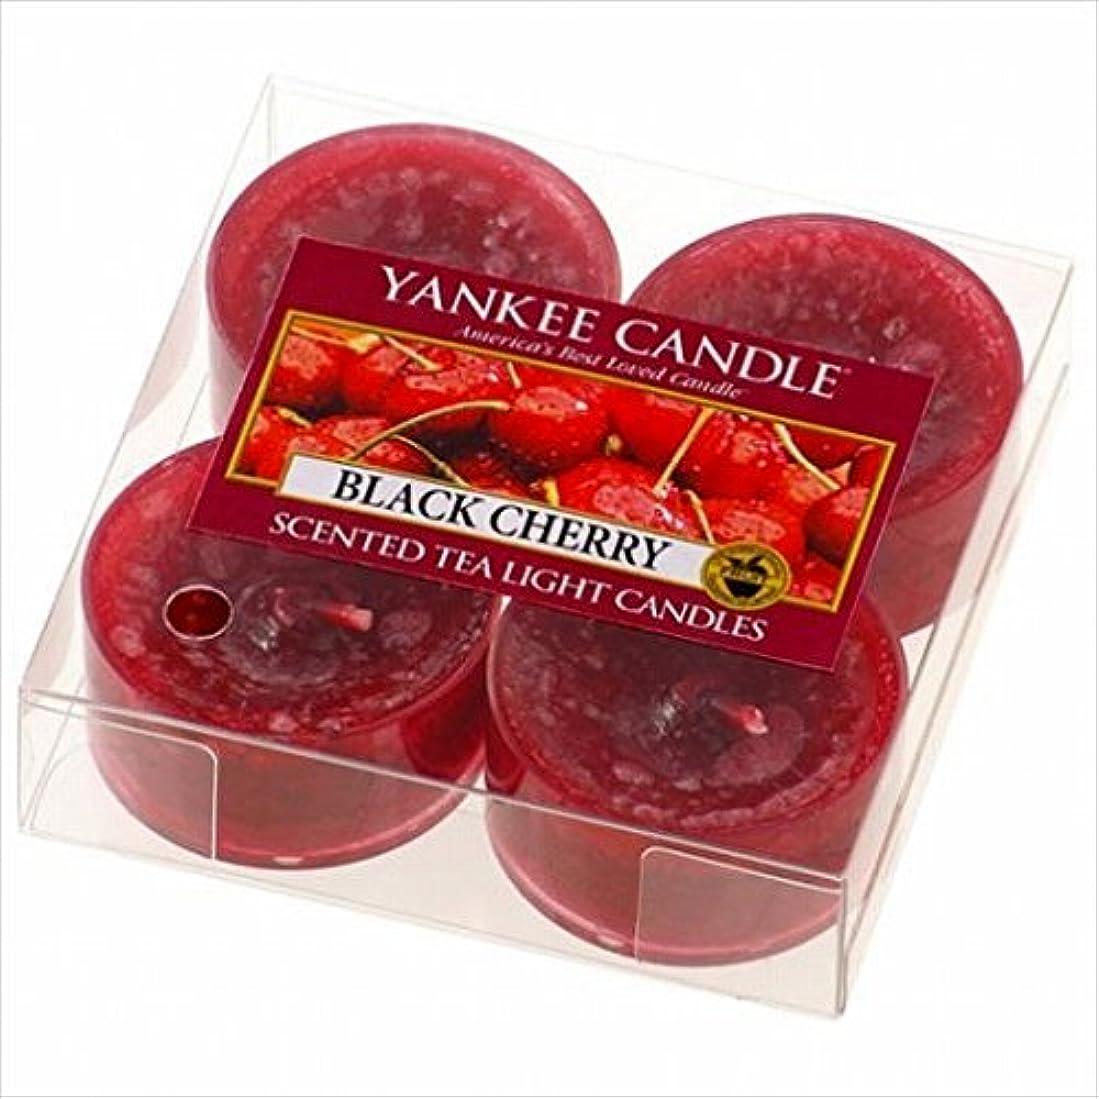 滝複雑なヤンキーキャンドル( YANKEE CANDLE ) YANKEE CANDLE クリアカップティーライト4個入り 「 ブラックチェリー 」